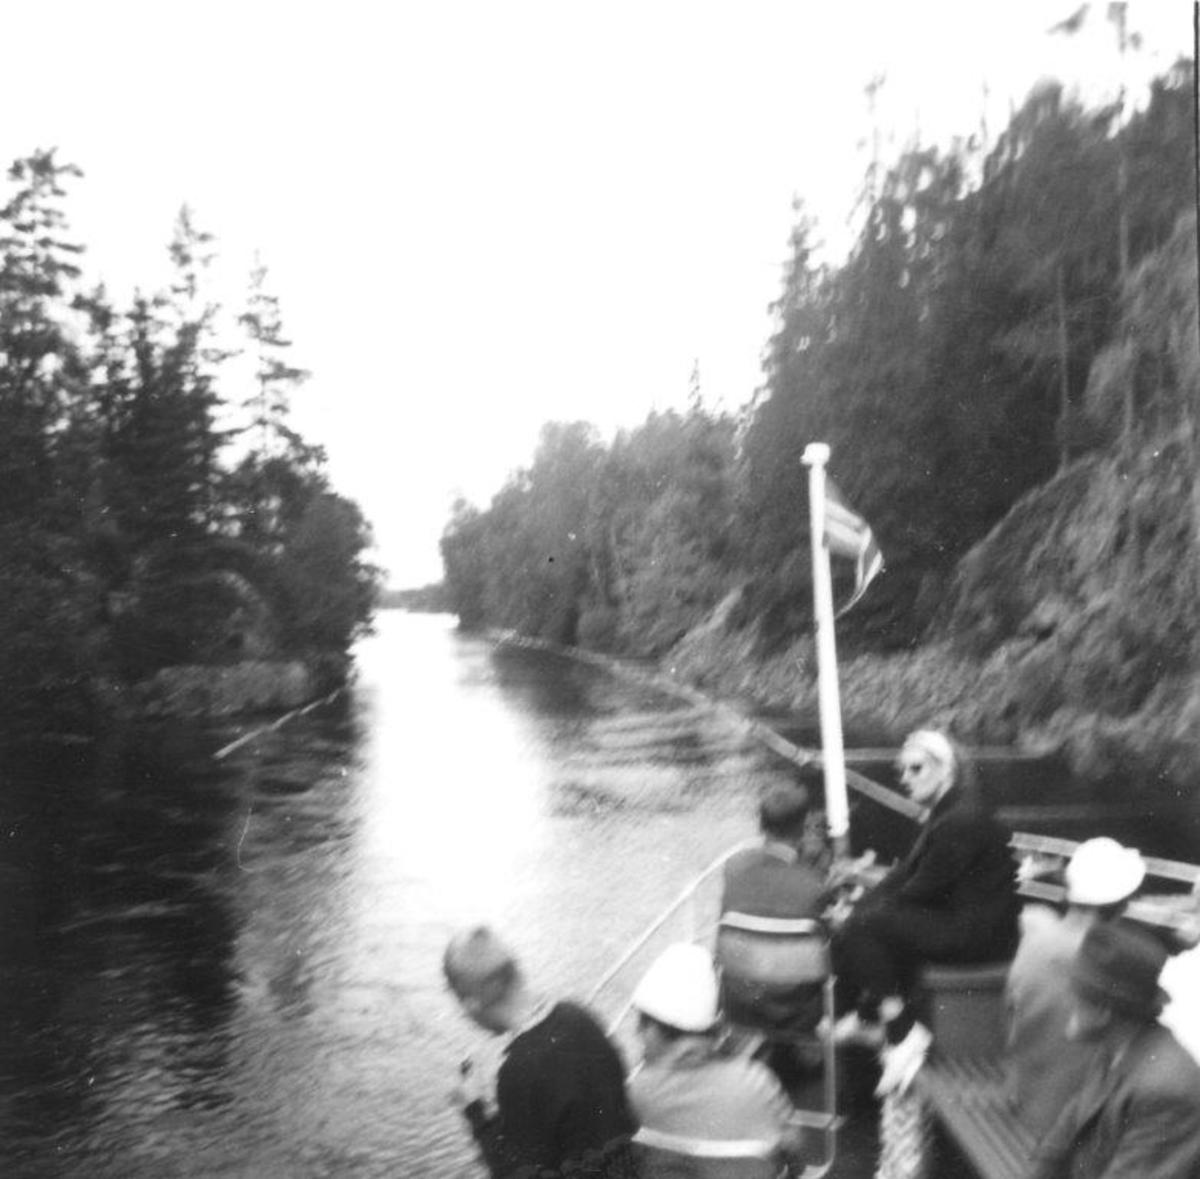 Ombord i D/S Turisten i Haldenvassdraget (Stenselven)